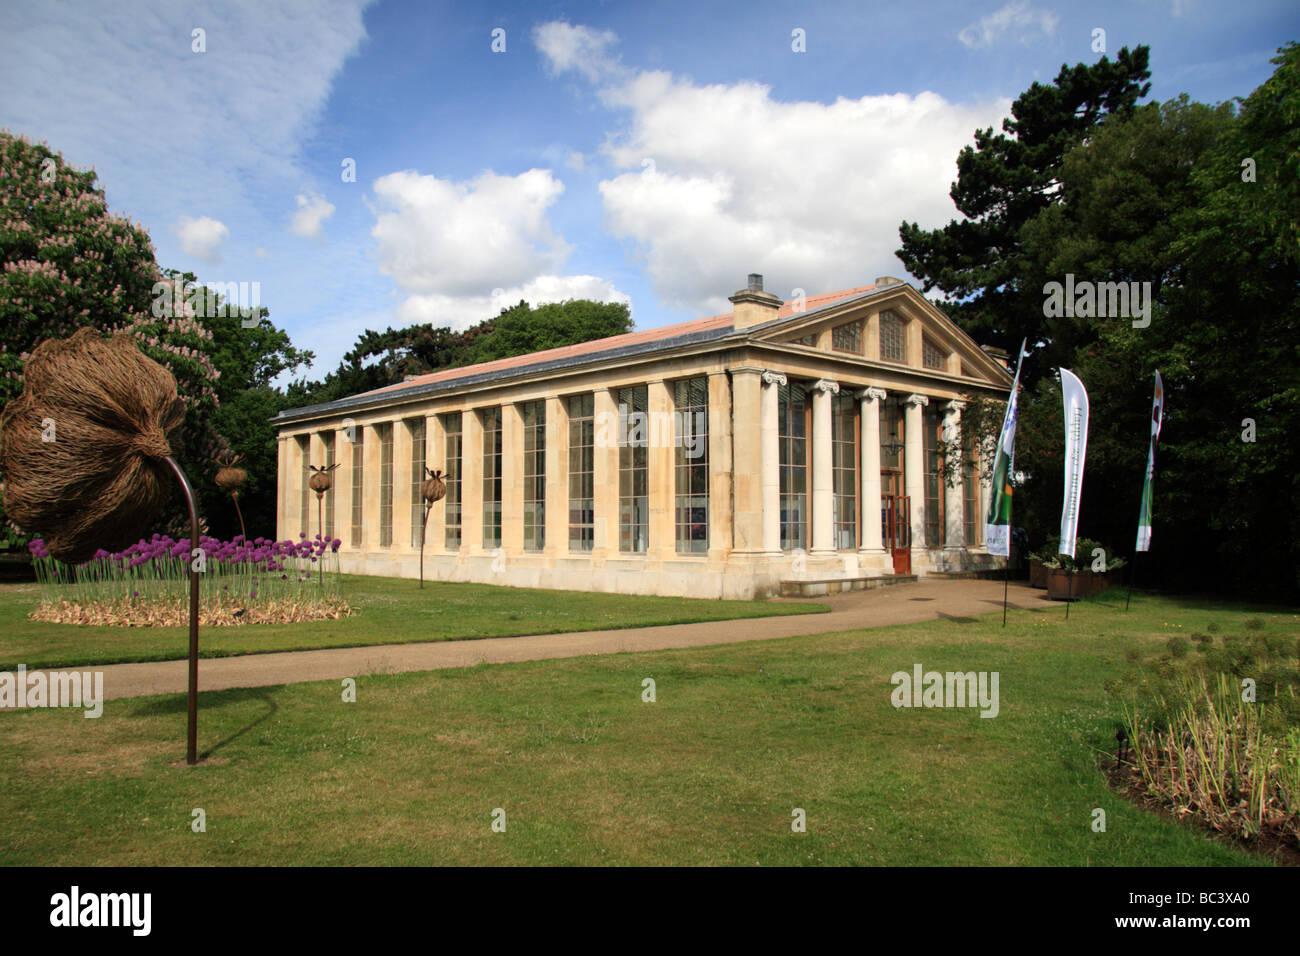 The Nash Conservatory, the Royal Botanic Gardens, Kew, Surrey, England. - Stock Image